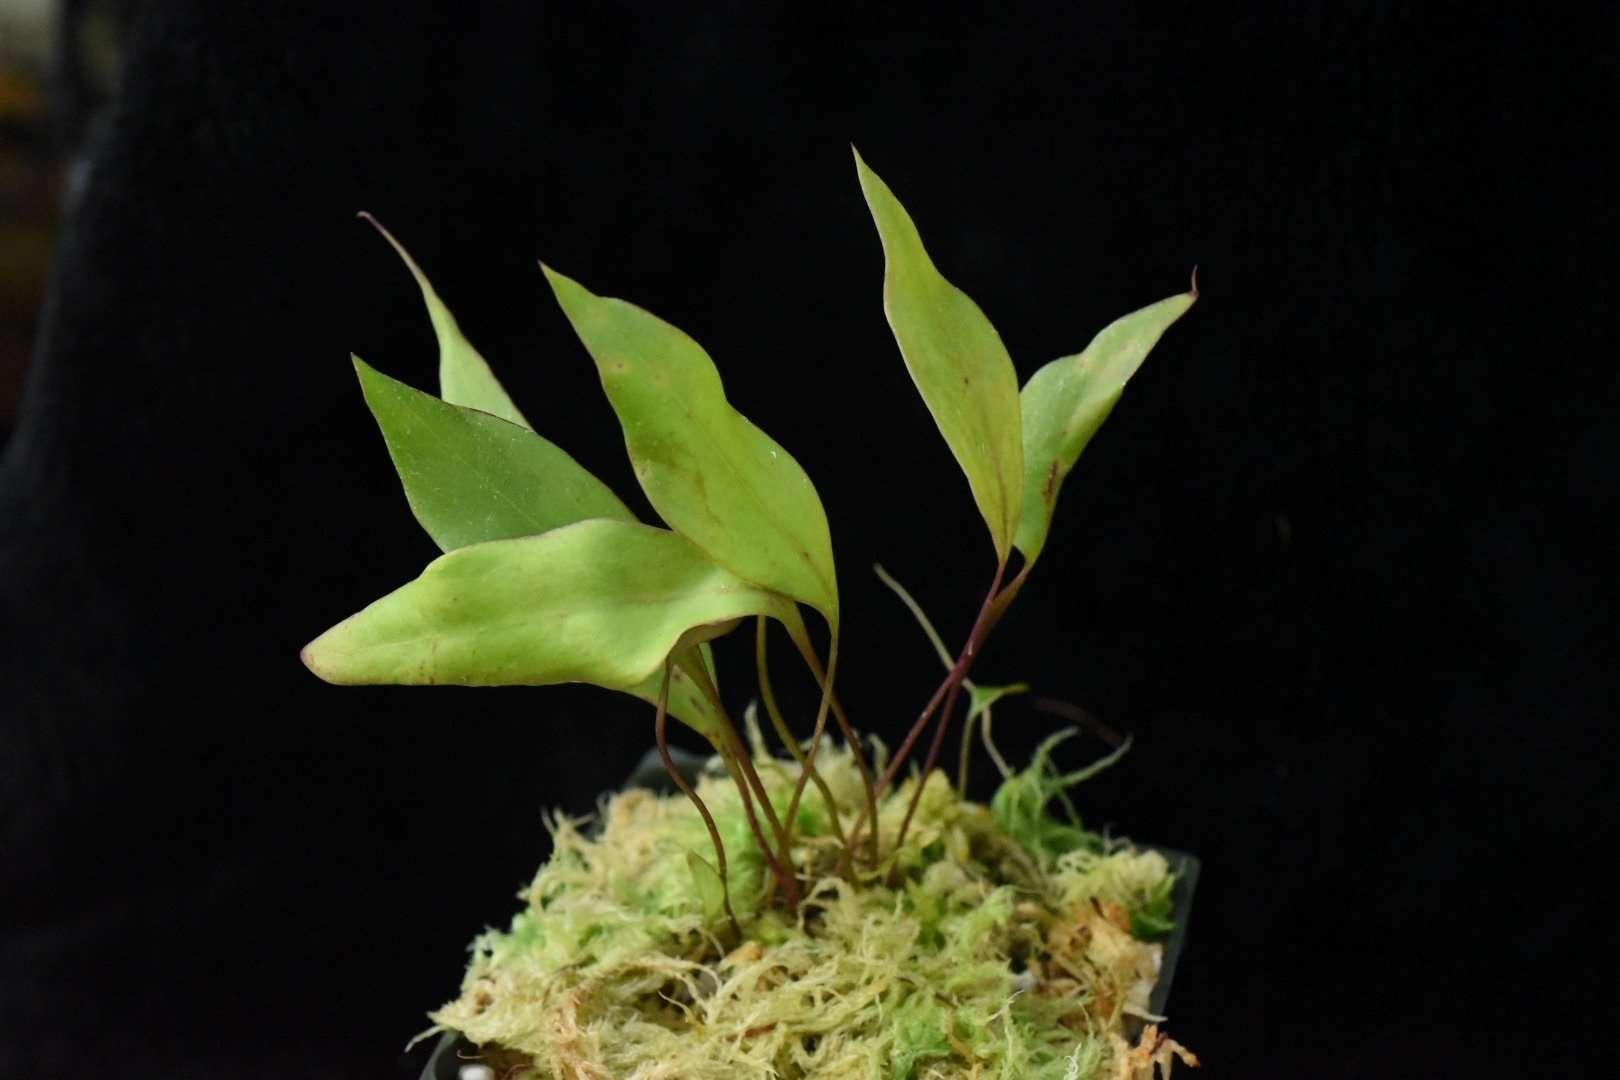 Utricularia humboldtii x alpina foliage